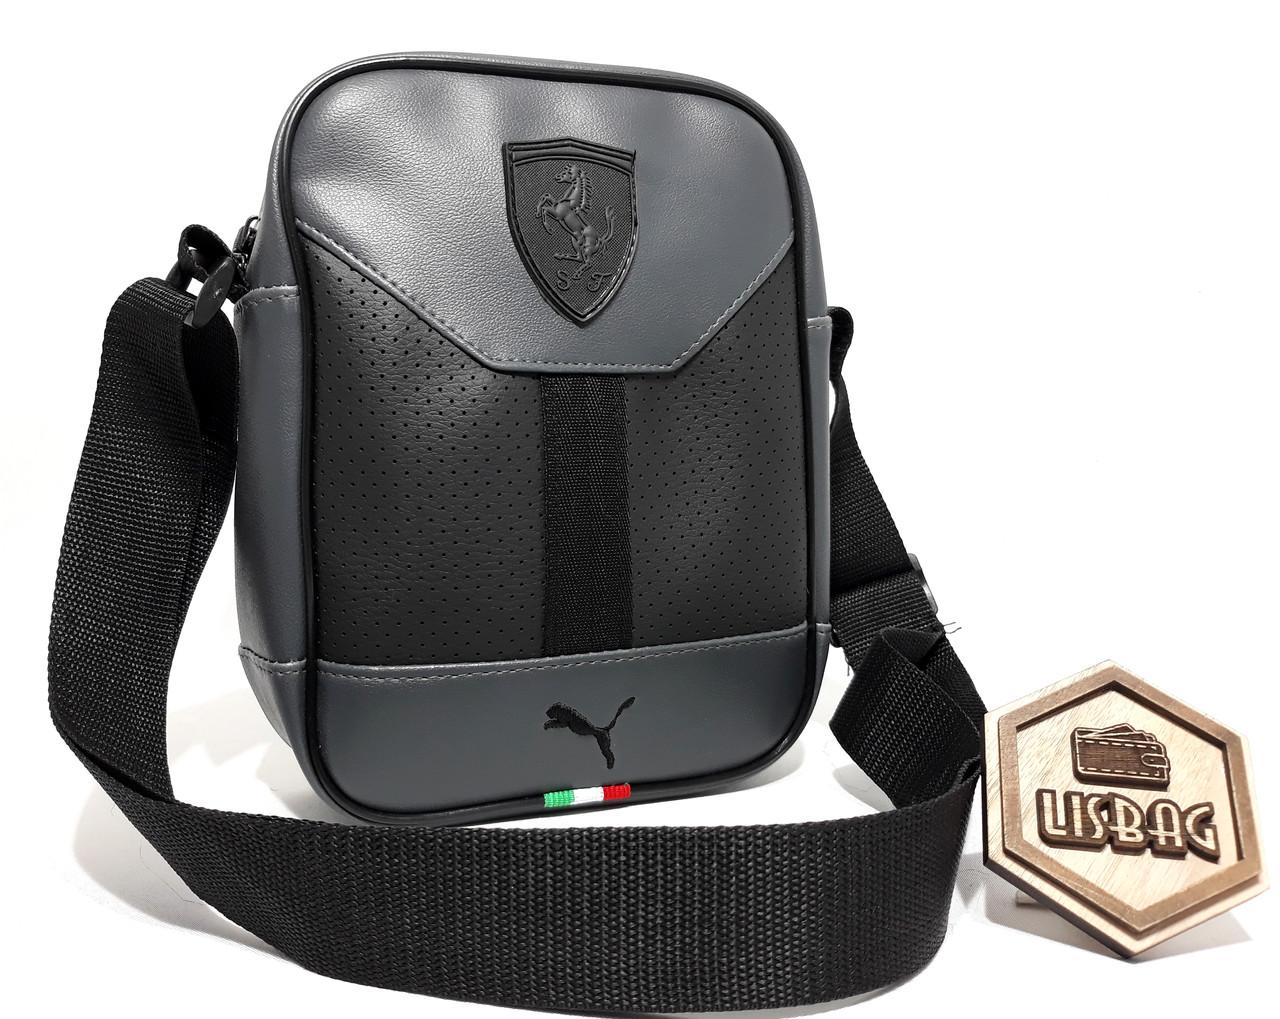 909d111c2d1f Мужская сумка Puma ferrari на каждый день реплика люкс качества 2х  компонентная кожа PU